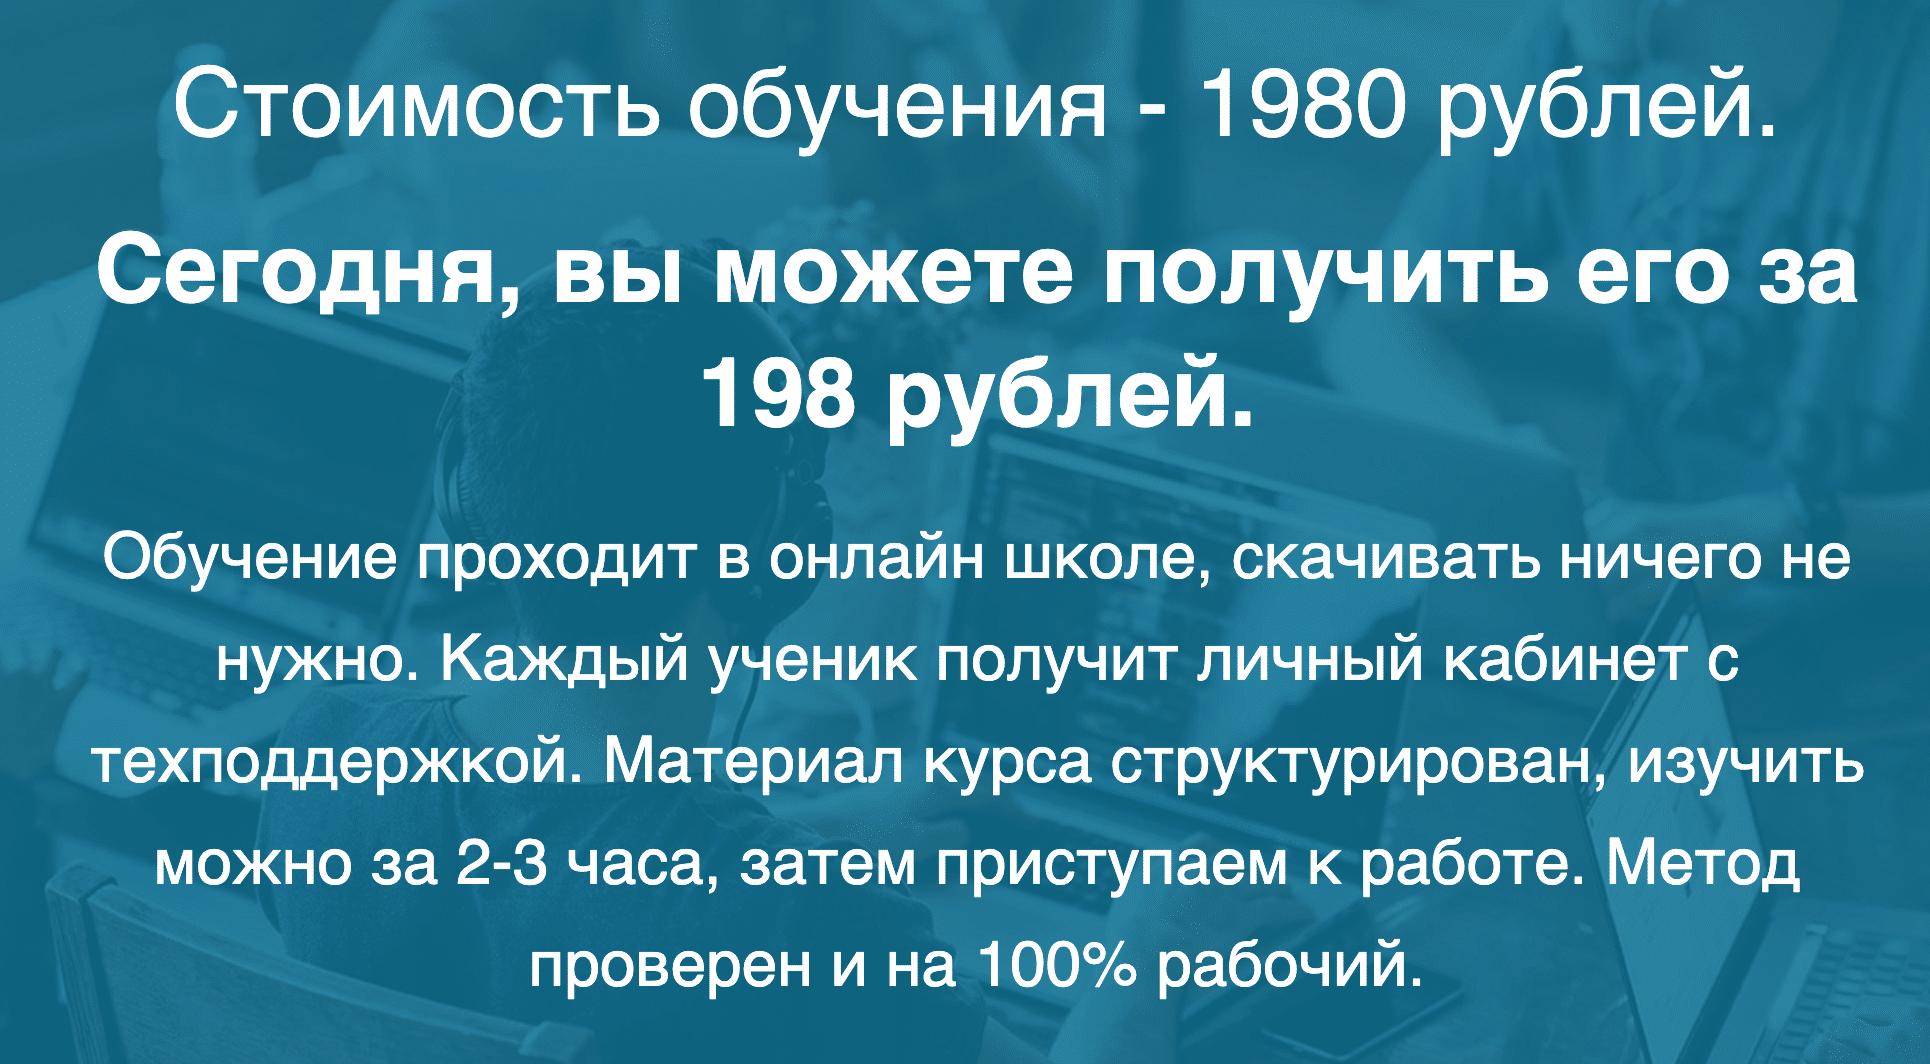 антикризисный доход 2020 курс отзывы